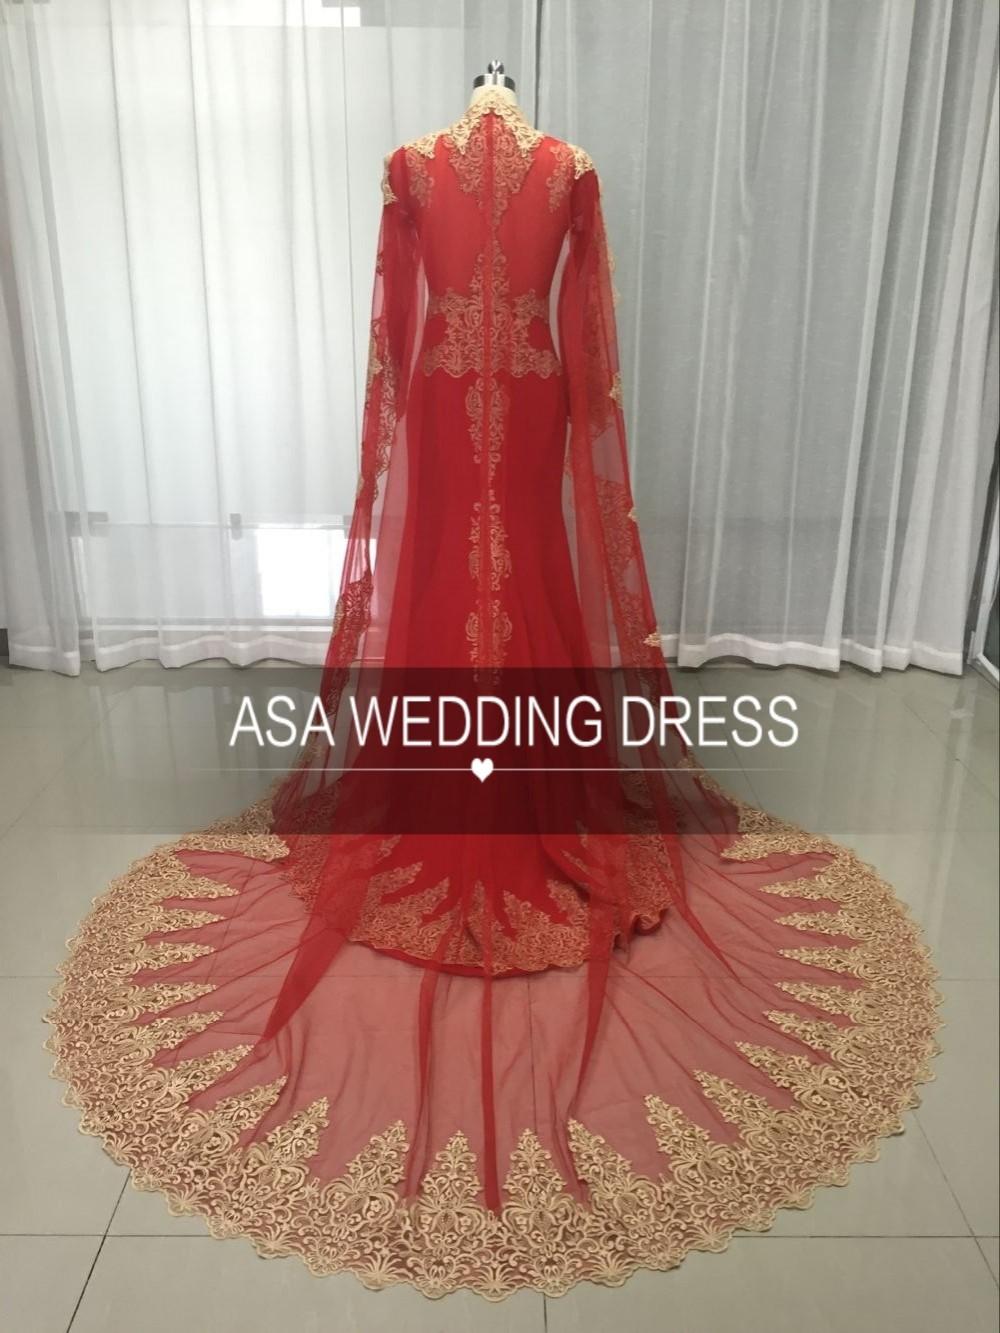 Ht19 Real Sample Langarm Dubai Kleid Arabisch Red Und Gold Mermaid Muster Von Spitze Abendkleid Mit Cape Buy Arabische Abendkleid Muster Von Spitze Abendkleid Spitze Abendkleid Product On Alibaba Com